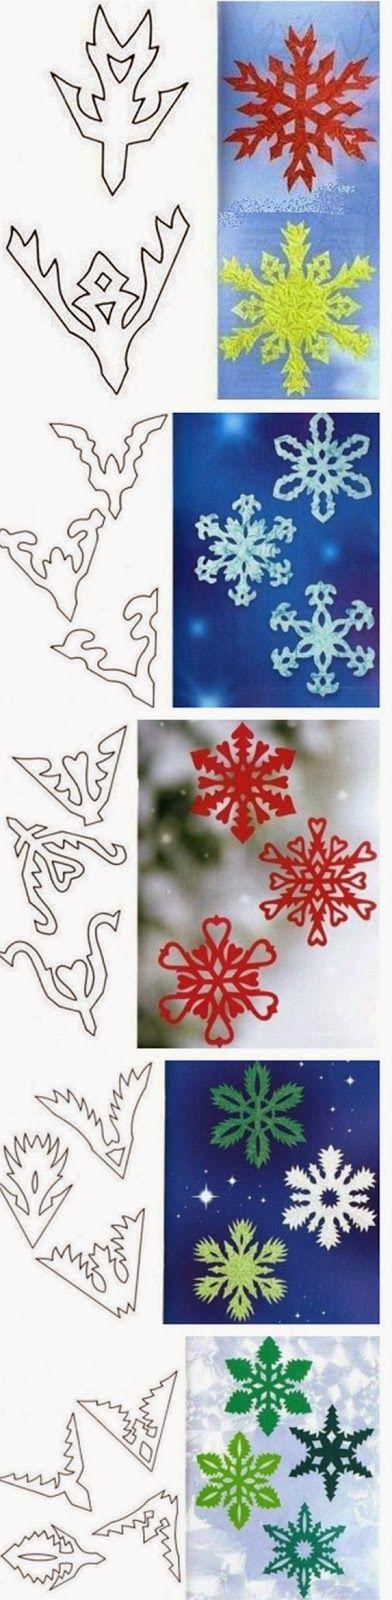 plantillas+de+copos+de+nieve-001.jpg (392×1600)